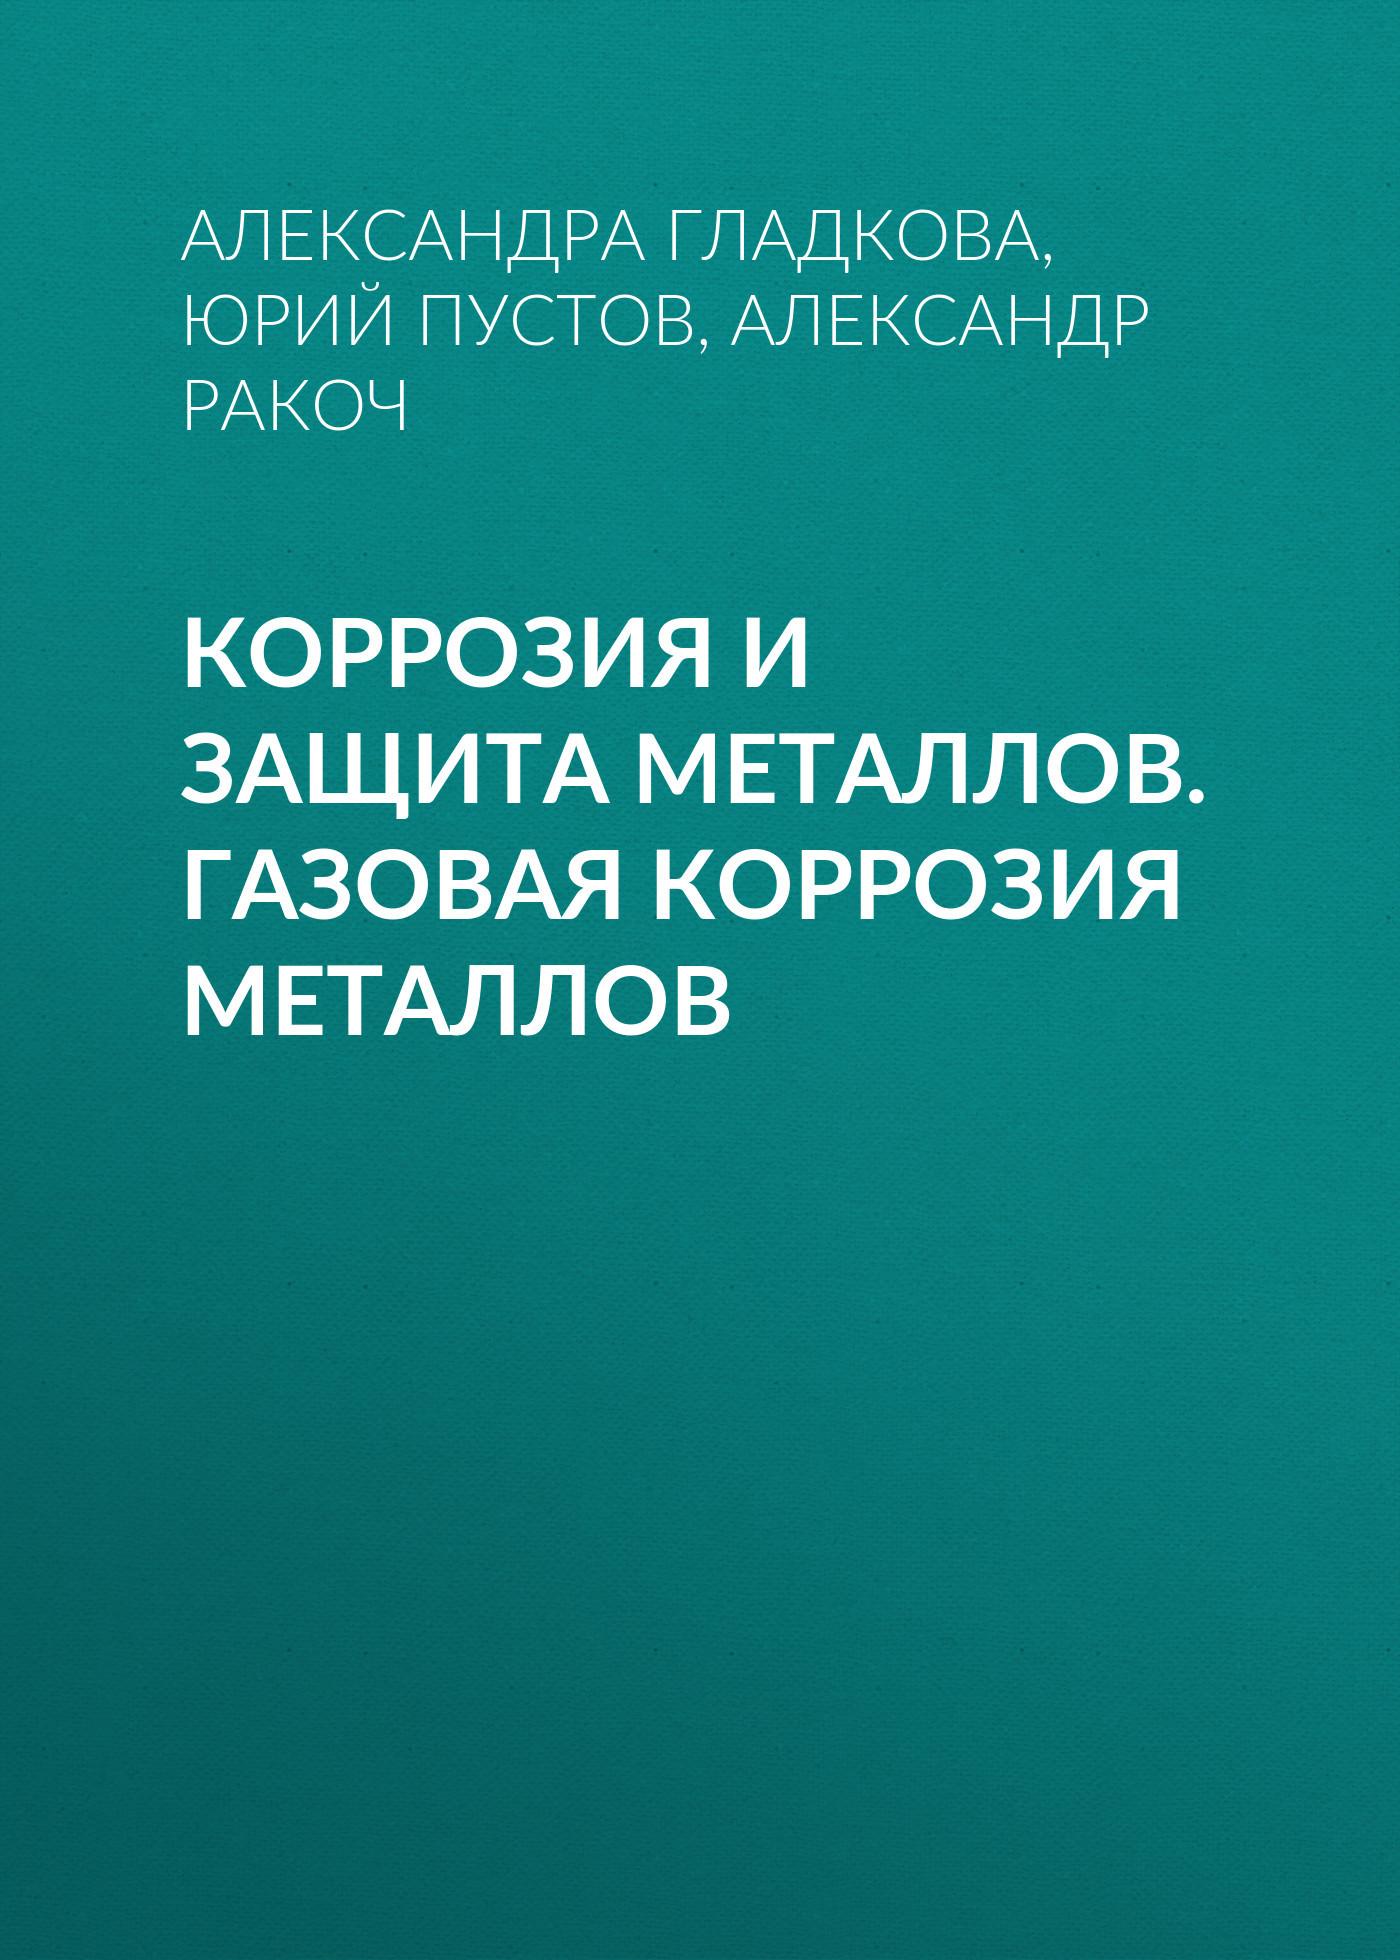 цена на Александр Ракоч Коррозия и защита металлов. Газовая коррозия металлов